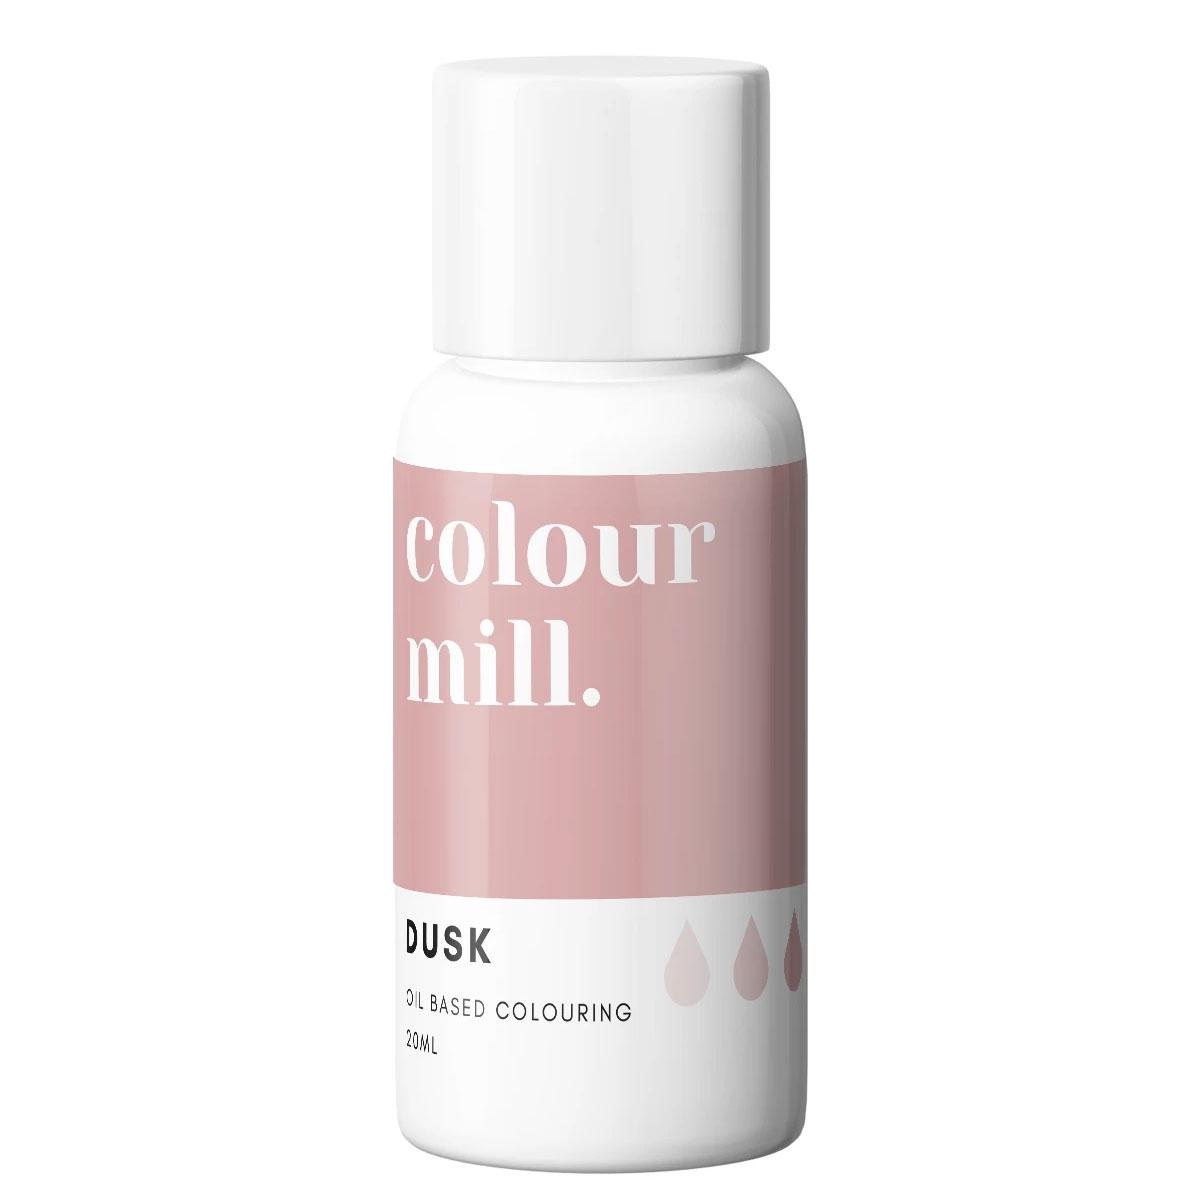 Colour Mill fettlösliche Lebensmittelfarbe - Dusk 20ml